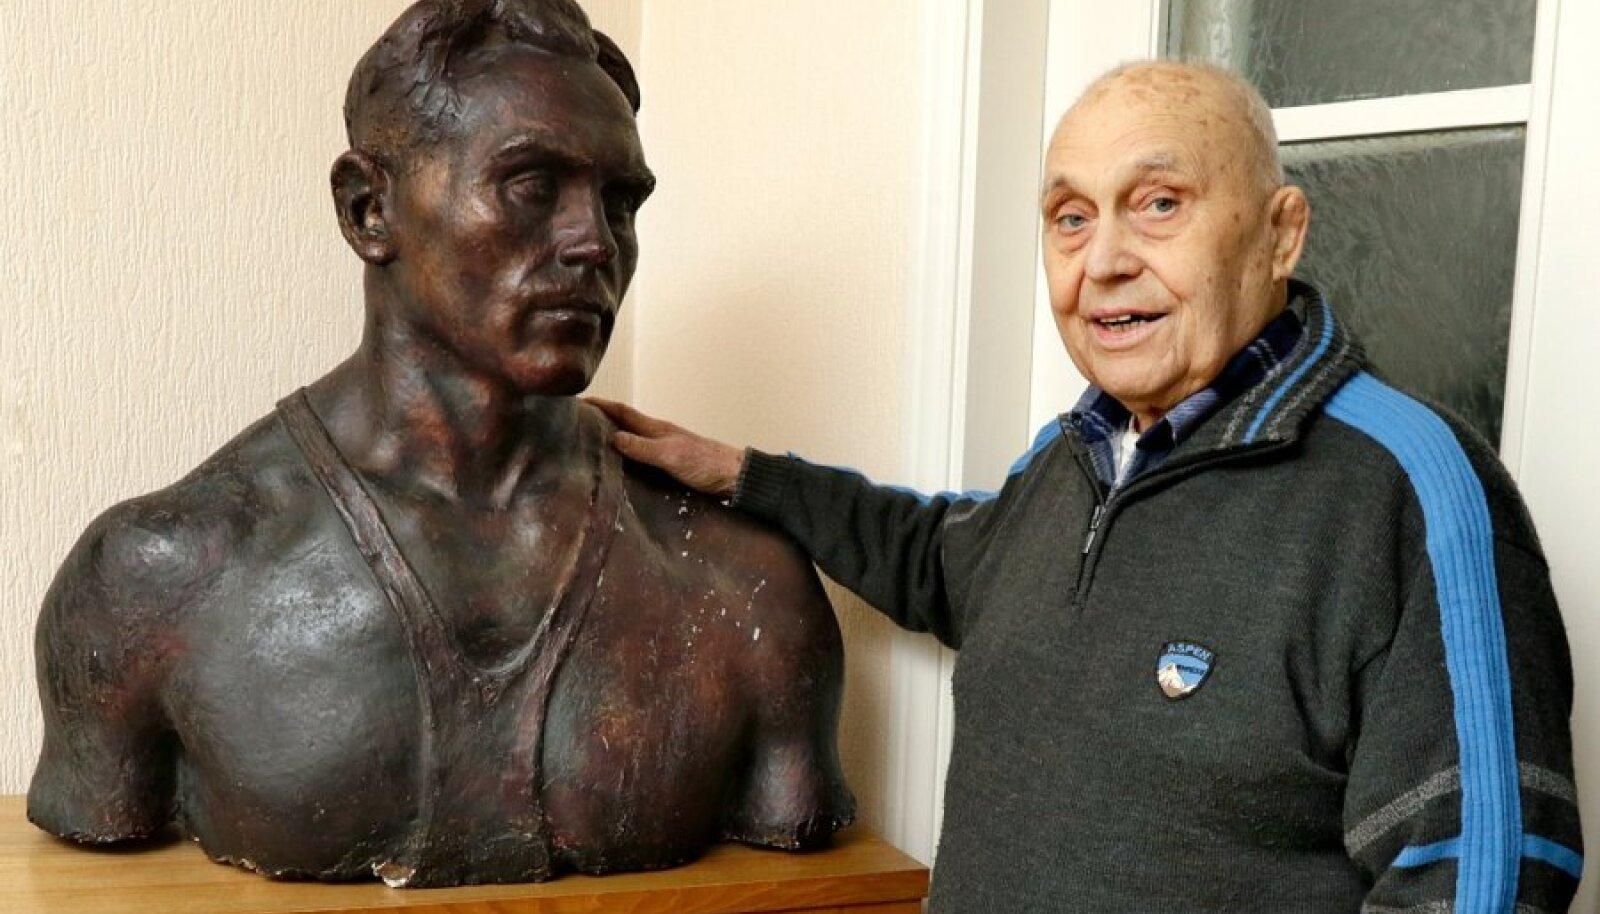 90aastane  August Englas  noorele August Englasele õlale  patsutamas.